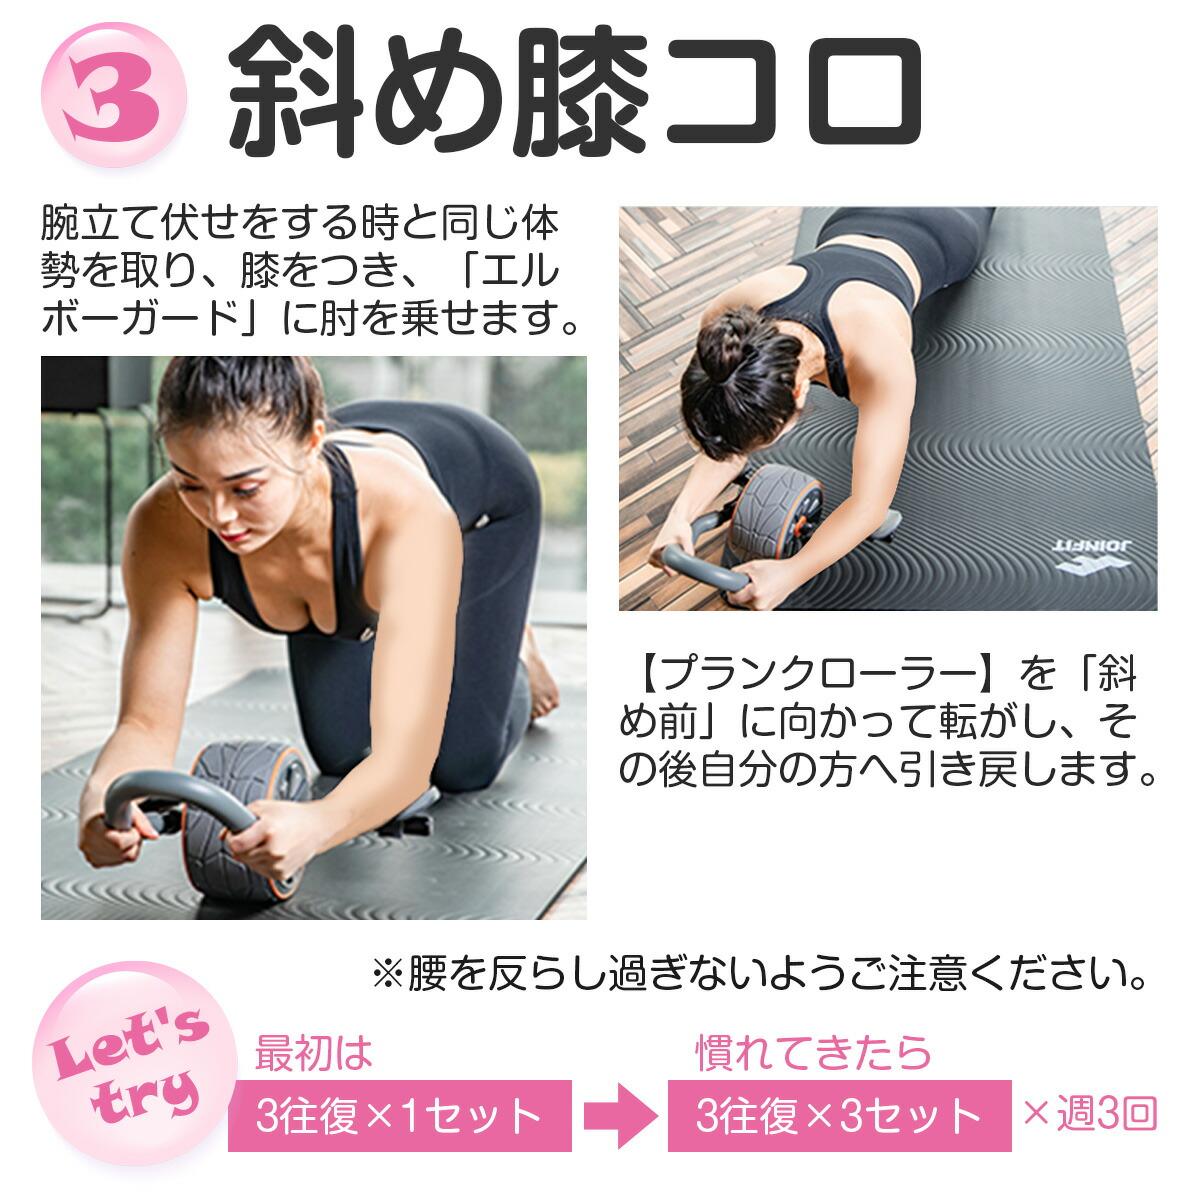 ご自身の体力を考えてエクササイズを